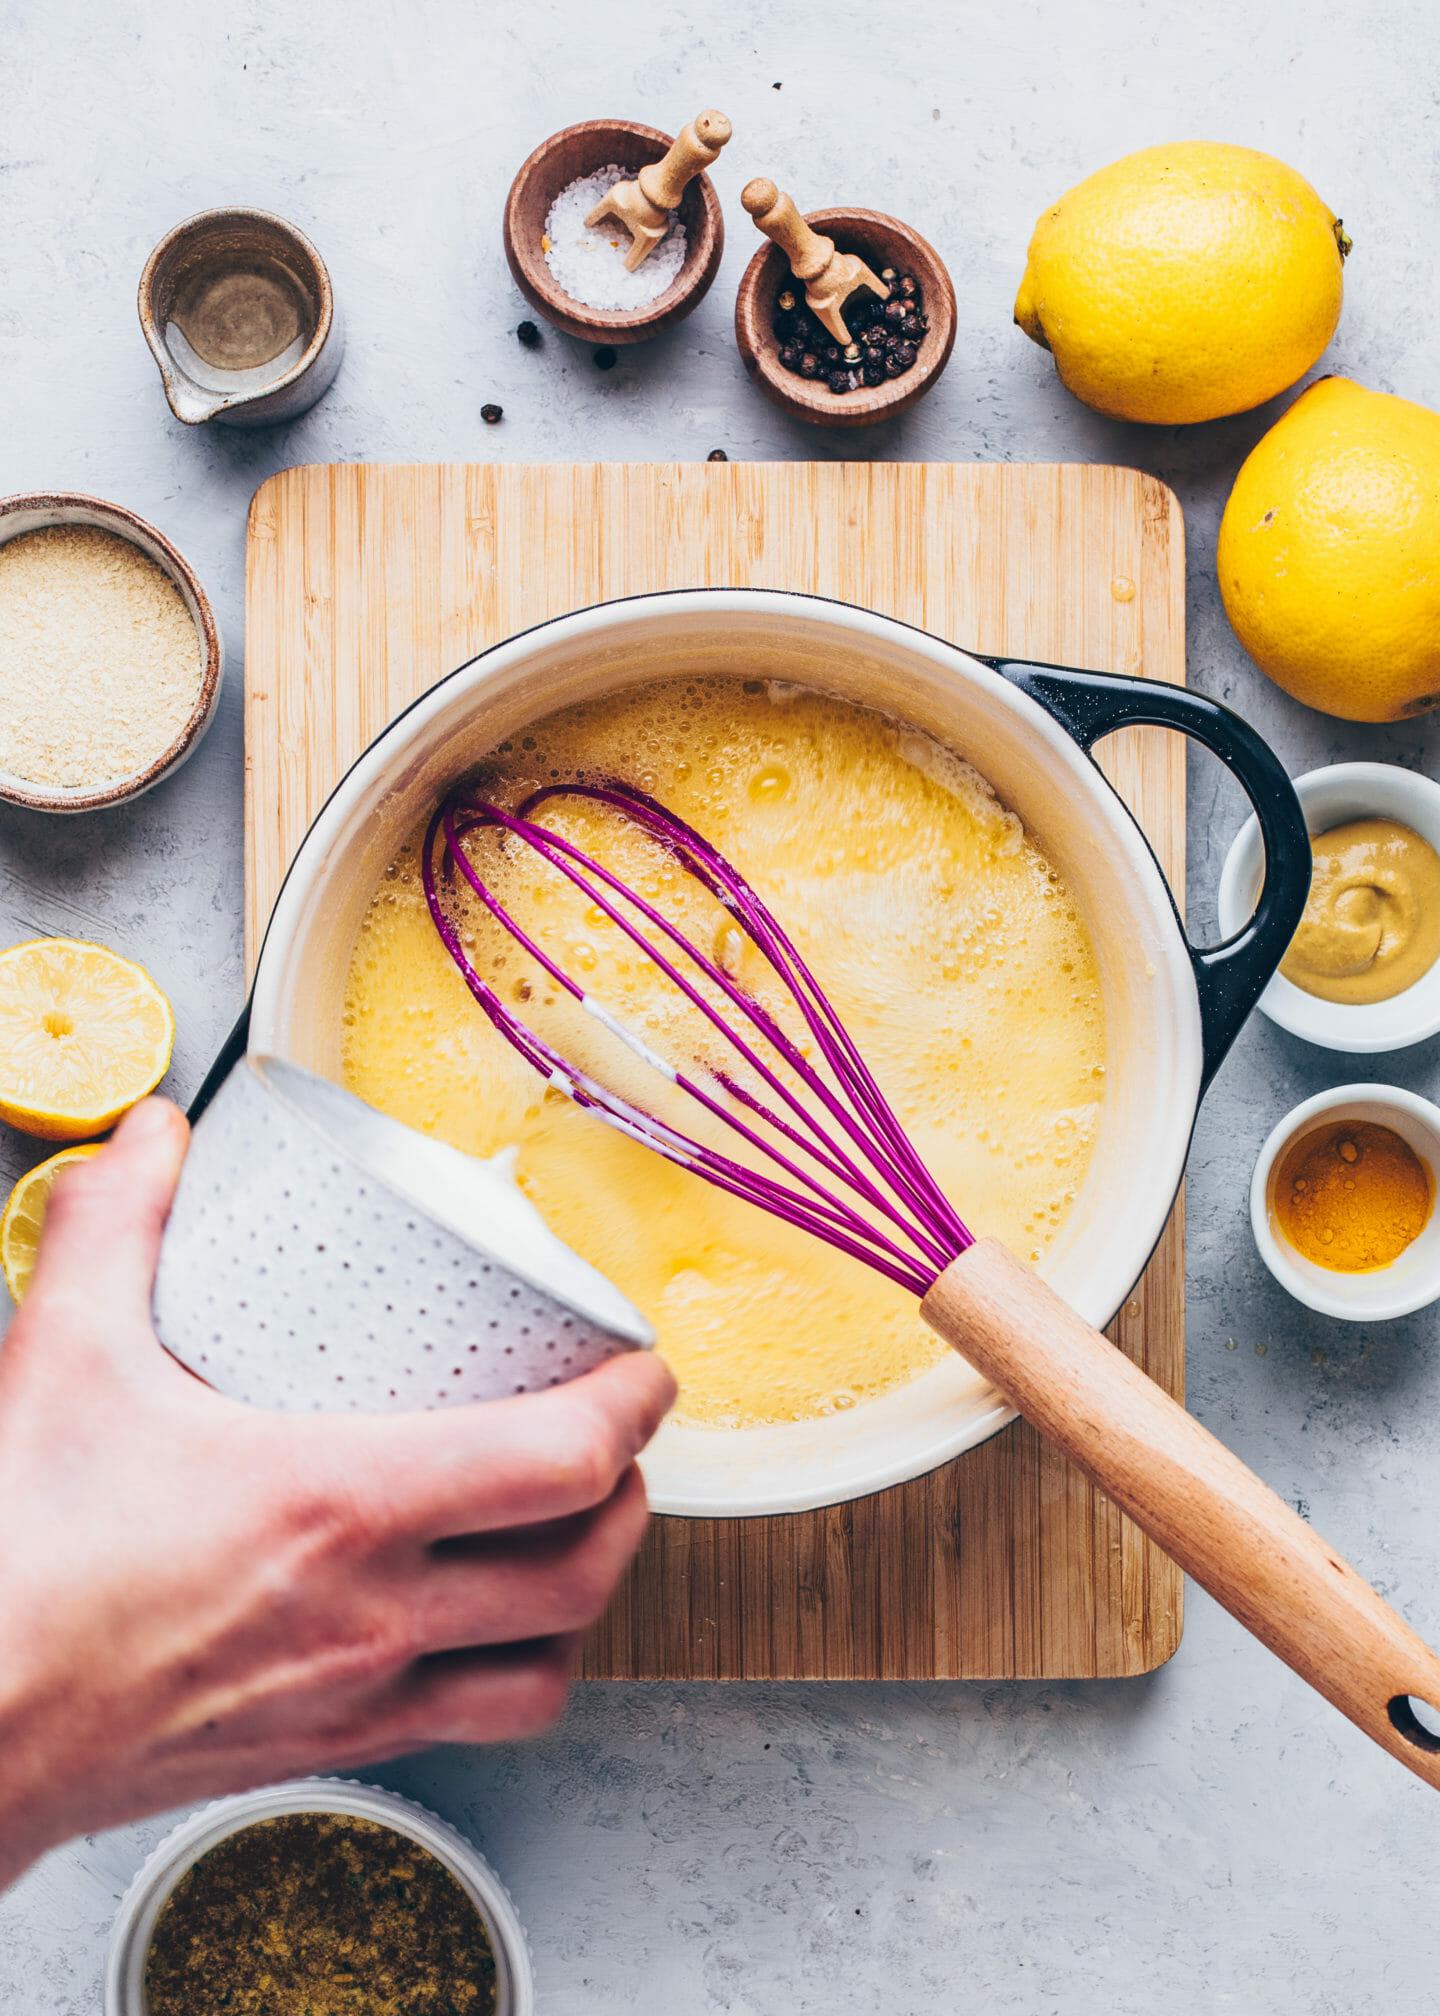 Mehlschwitze für vegane Sauce Hollandaise zubereiten